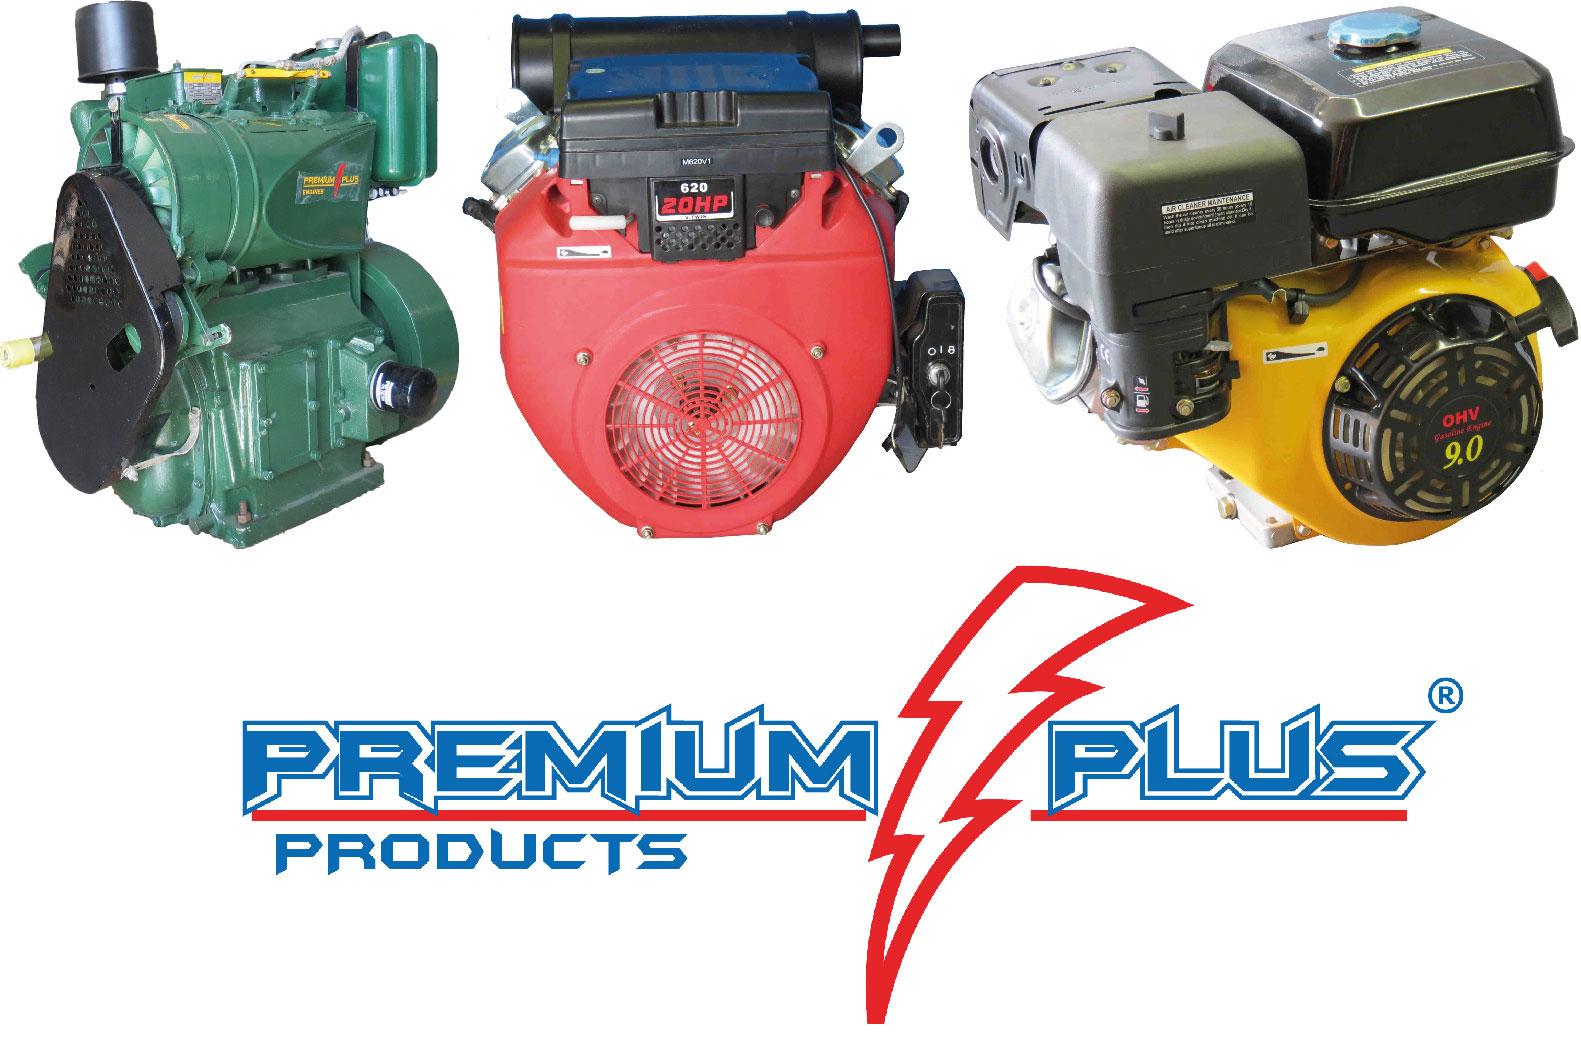 Premium Plus Engines